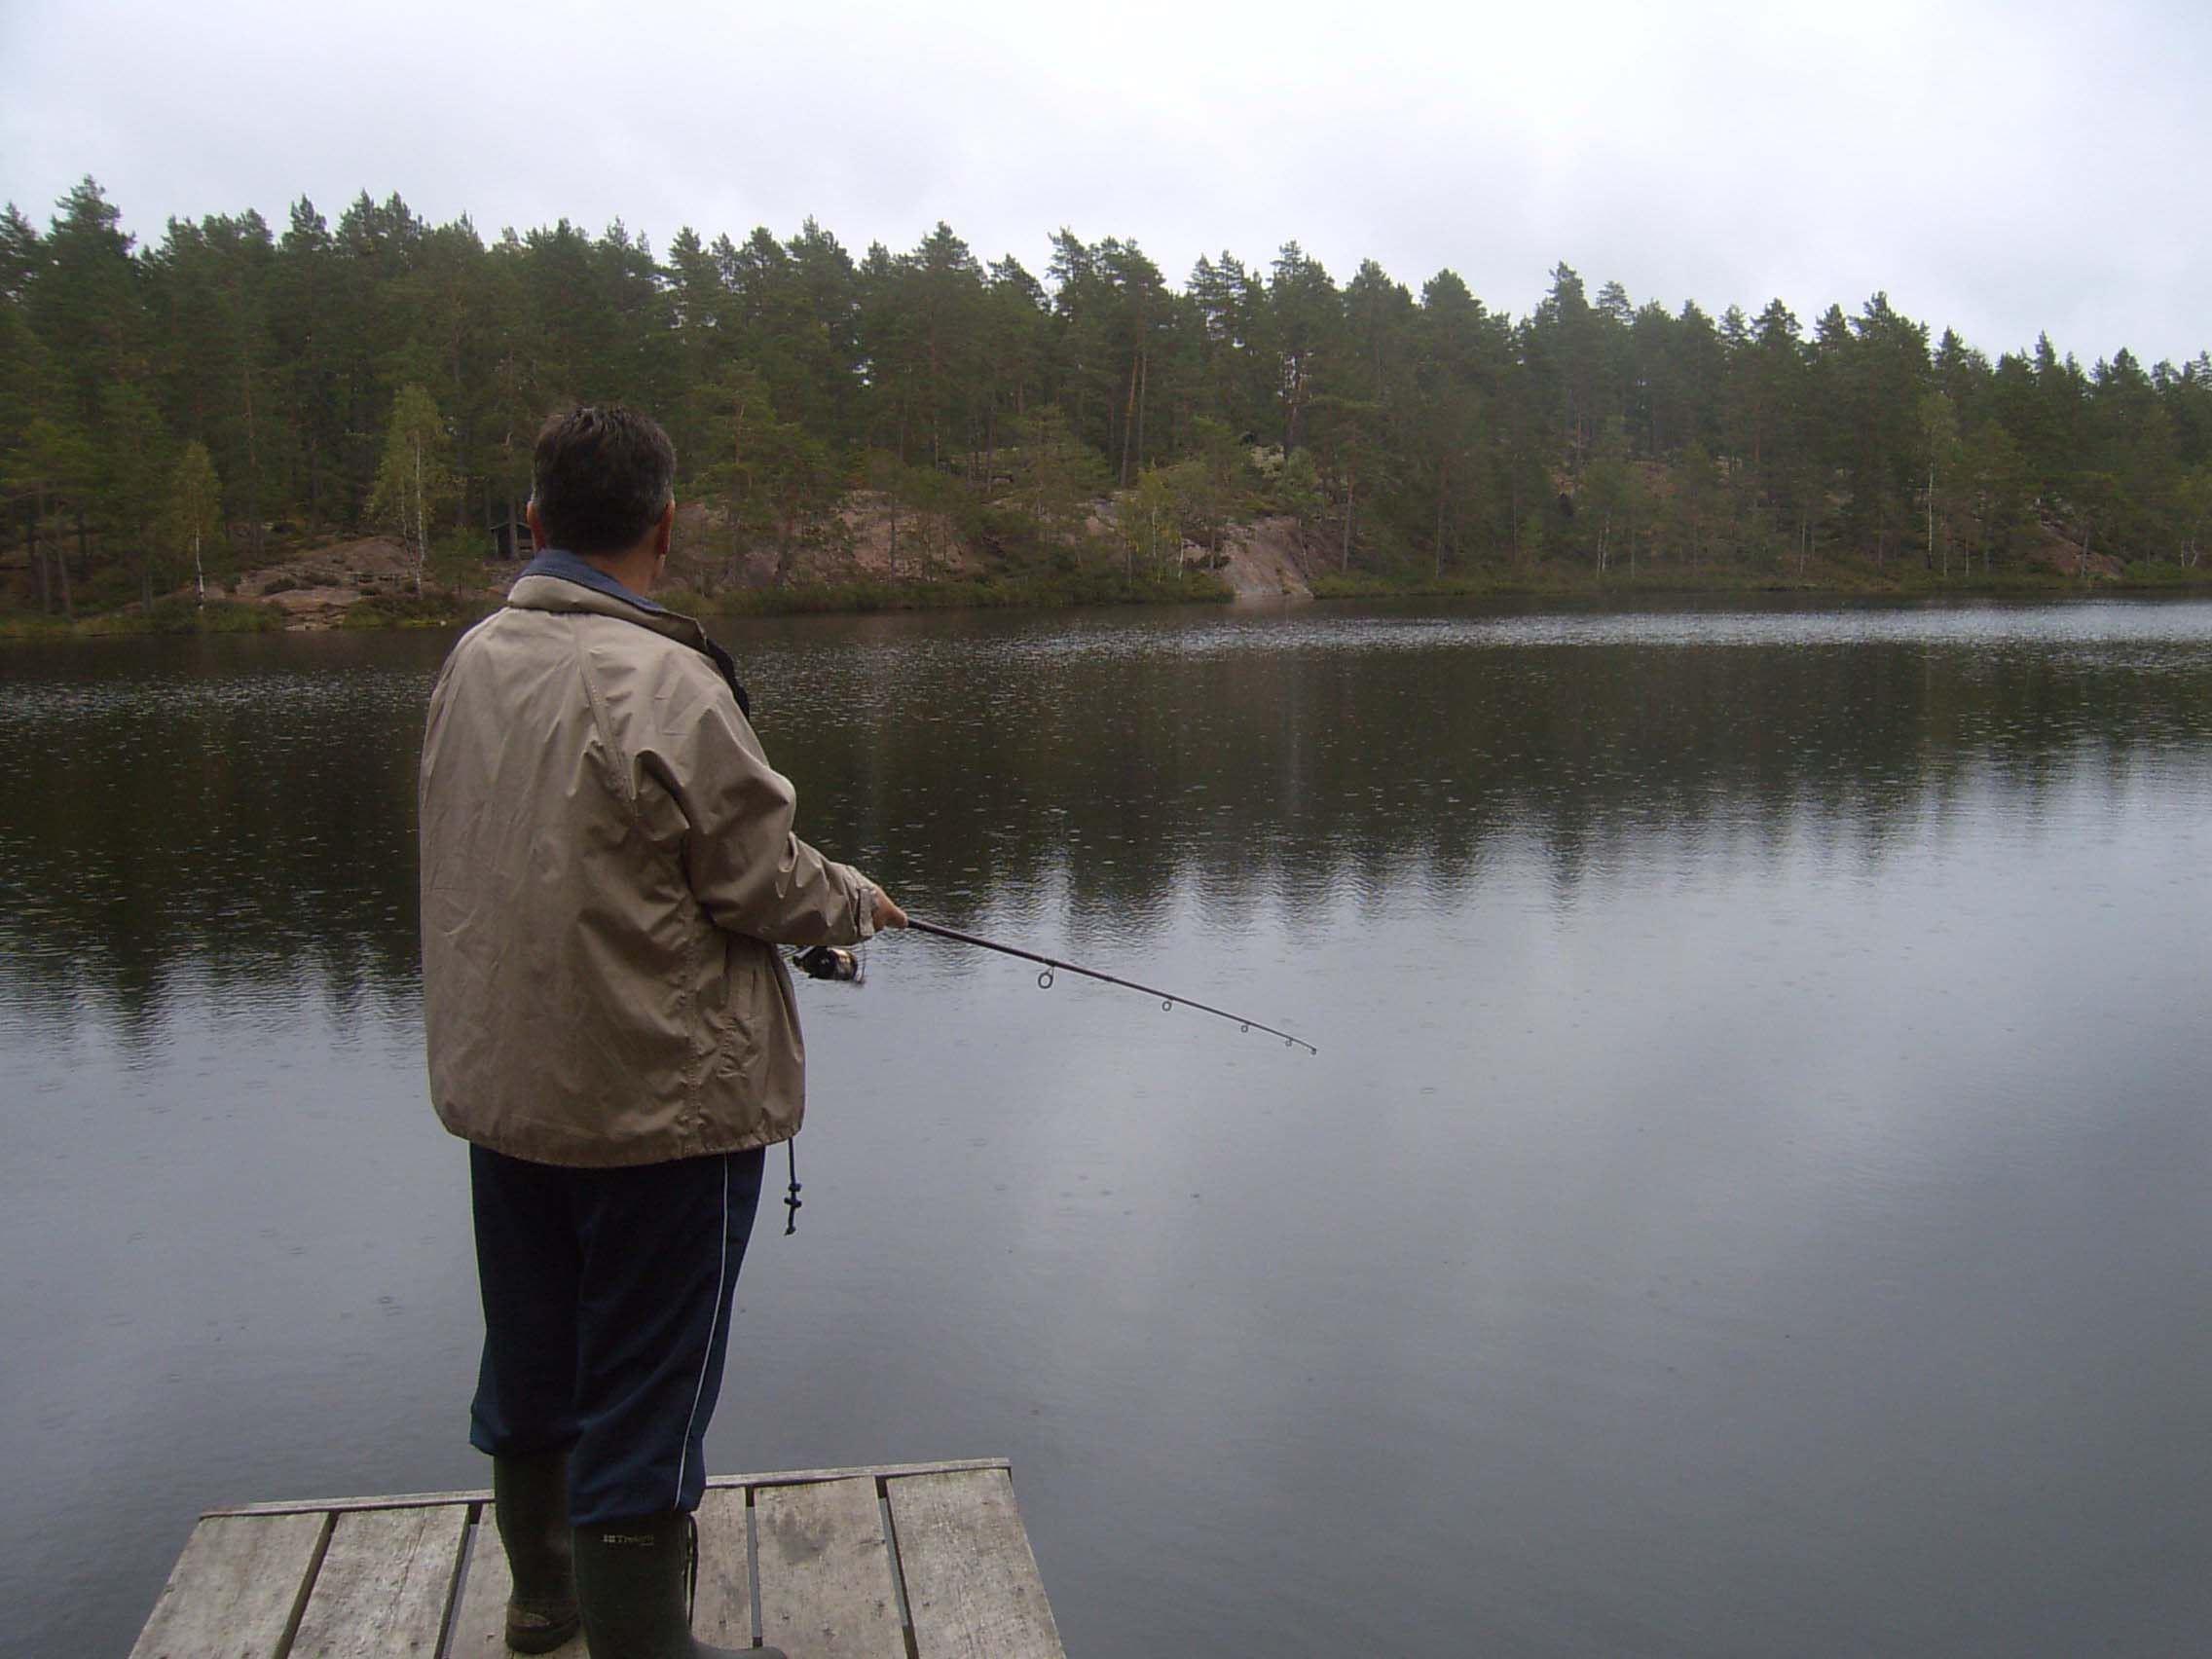 Djupsjön, Stora Hammarsjöområdet